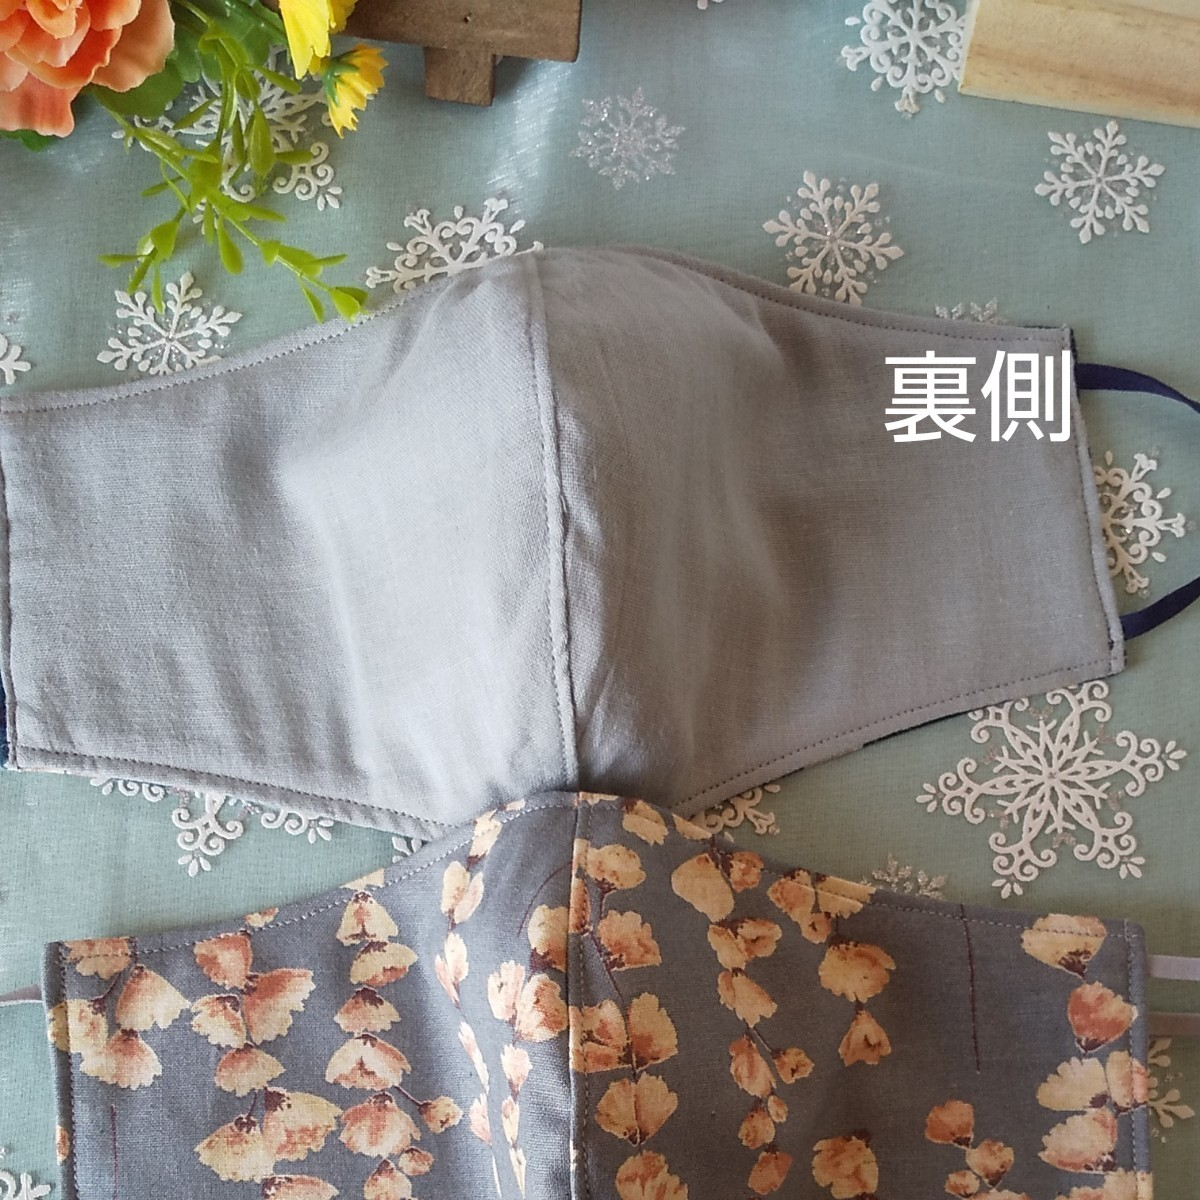 立体インナーハンドメイド、綿麻ガーゼ、大きめサイズ、2枚セット、ジャスター付